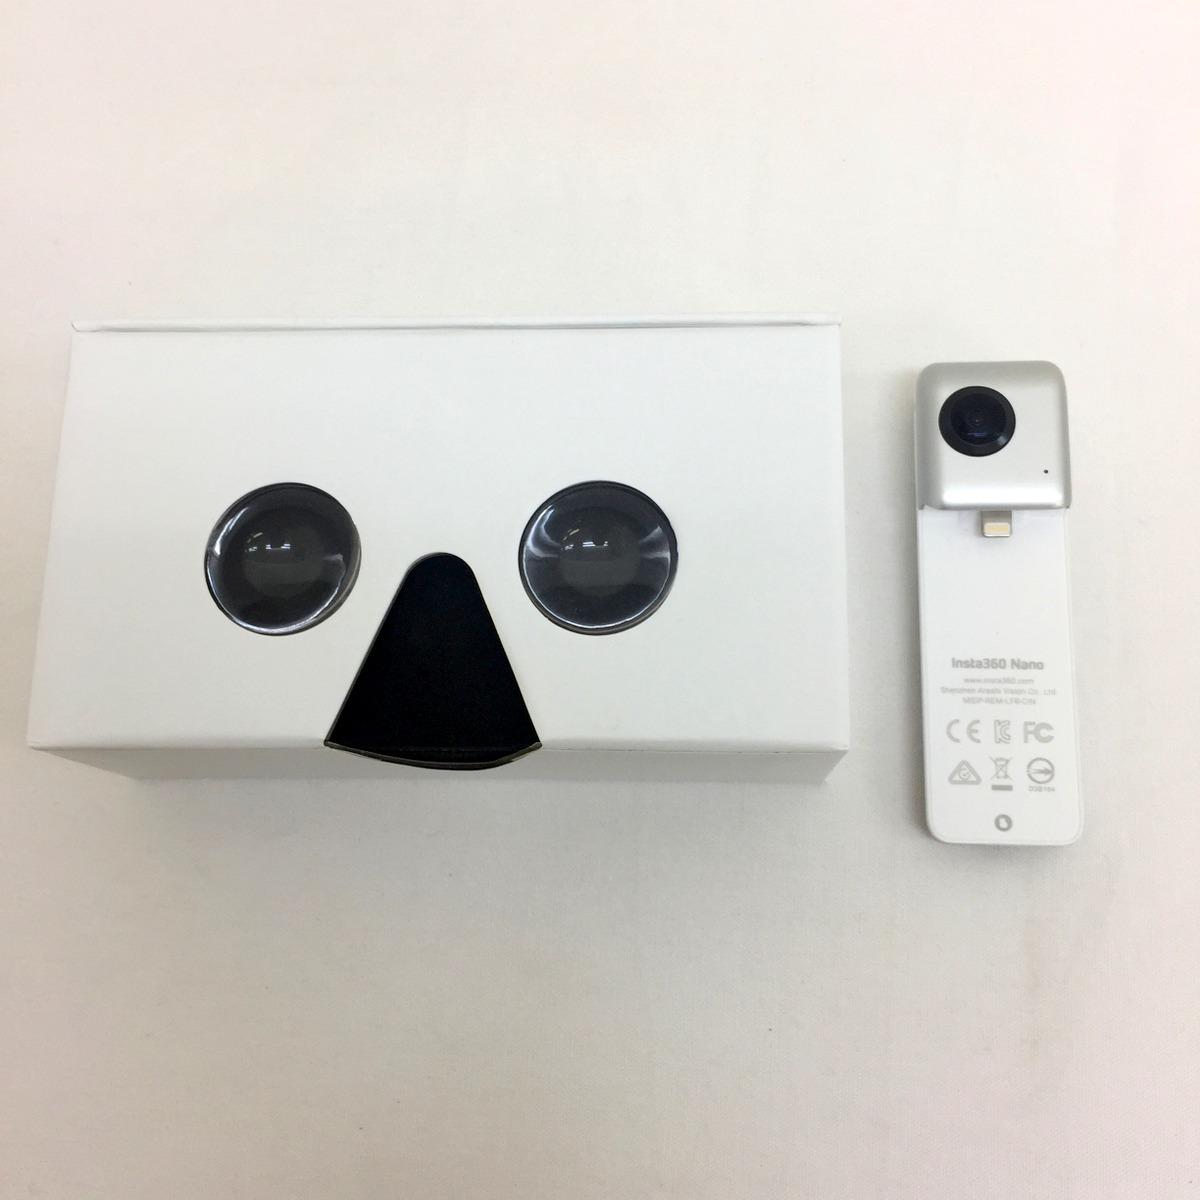 【1週間レンタル商品 返送料込】 360°全方位カメラ Insta360 Nano iPhone対応